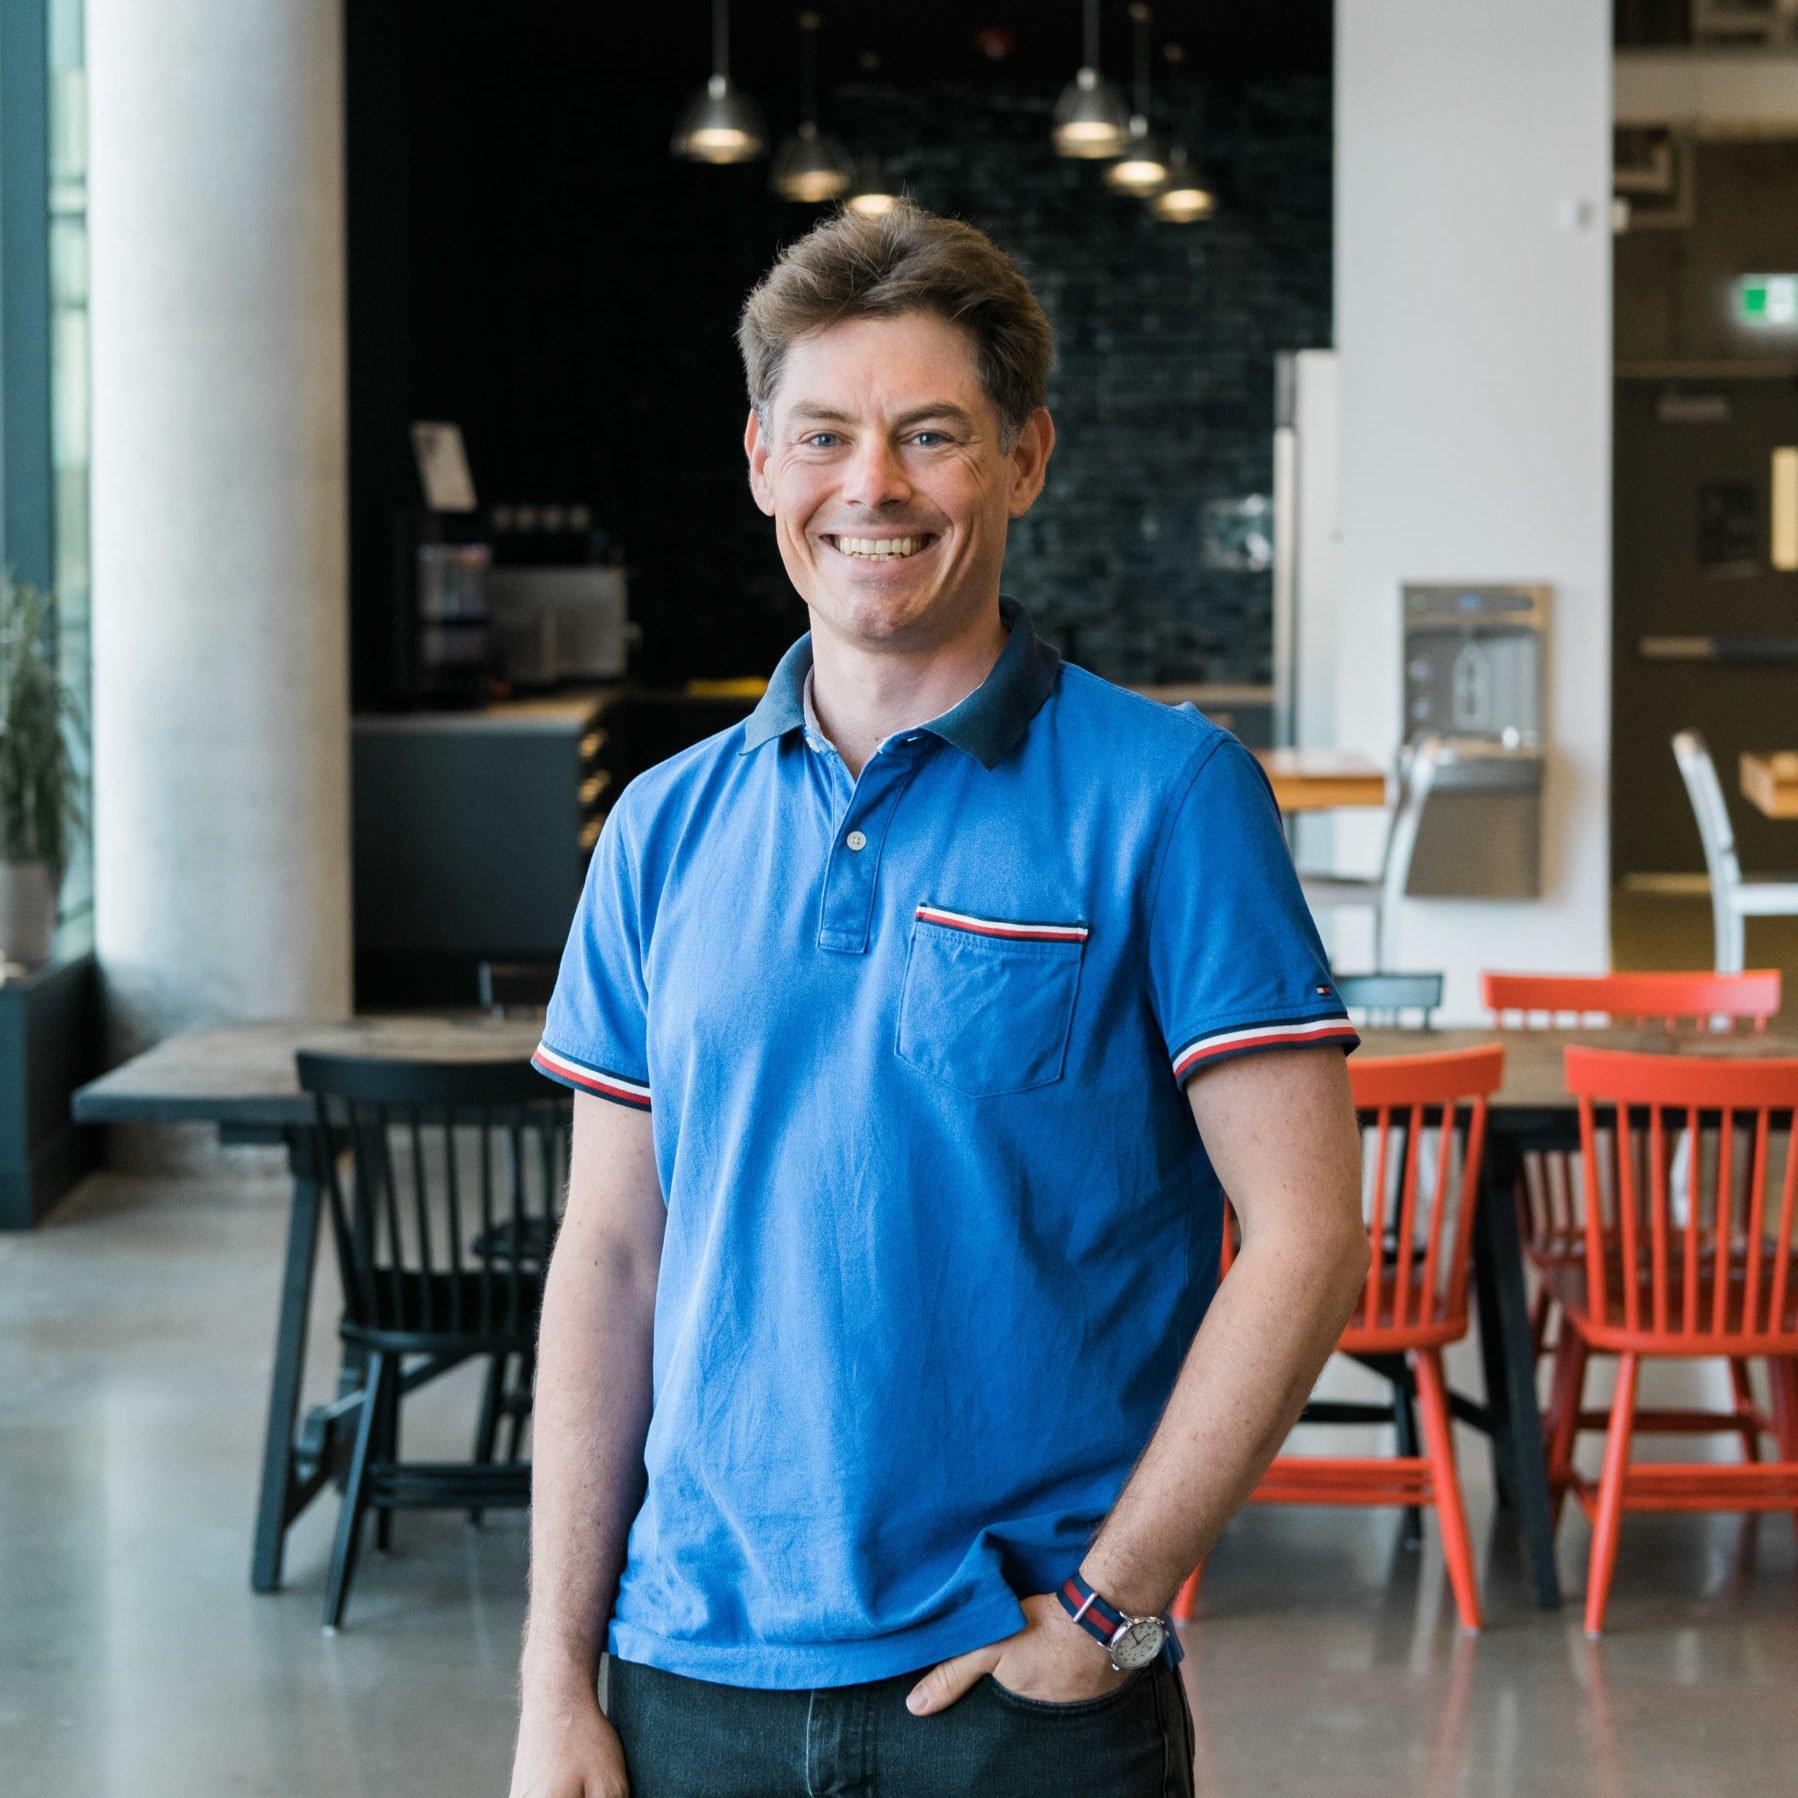 Casey Johnson - Manager, Digital Media Lab